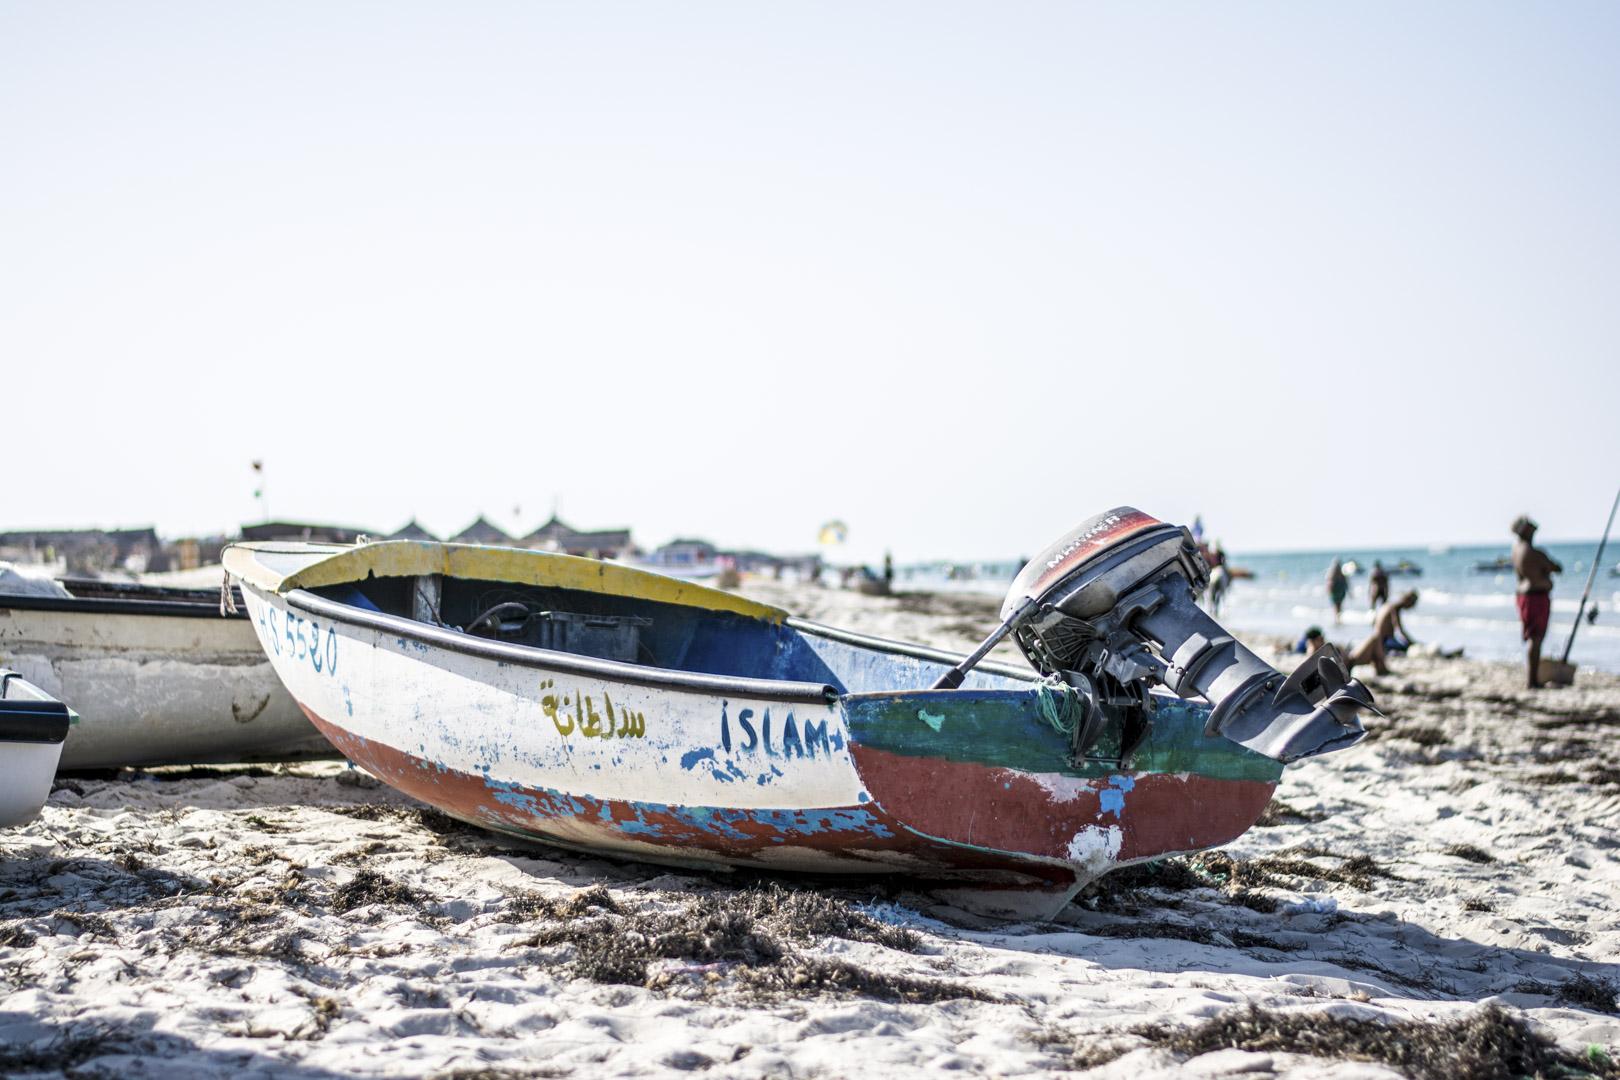 Fotografická expedice Djerba 2017 reportážní fotograf praha Jakub Morávek Djerba photography -156